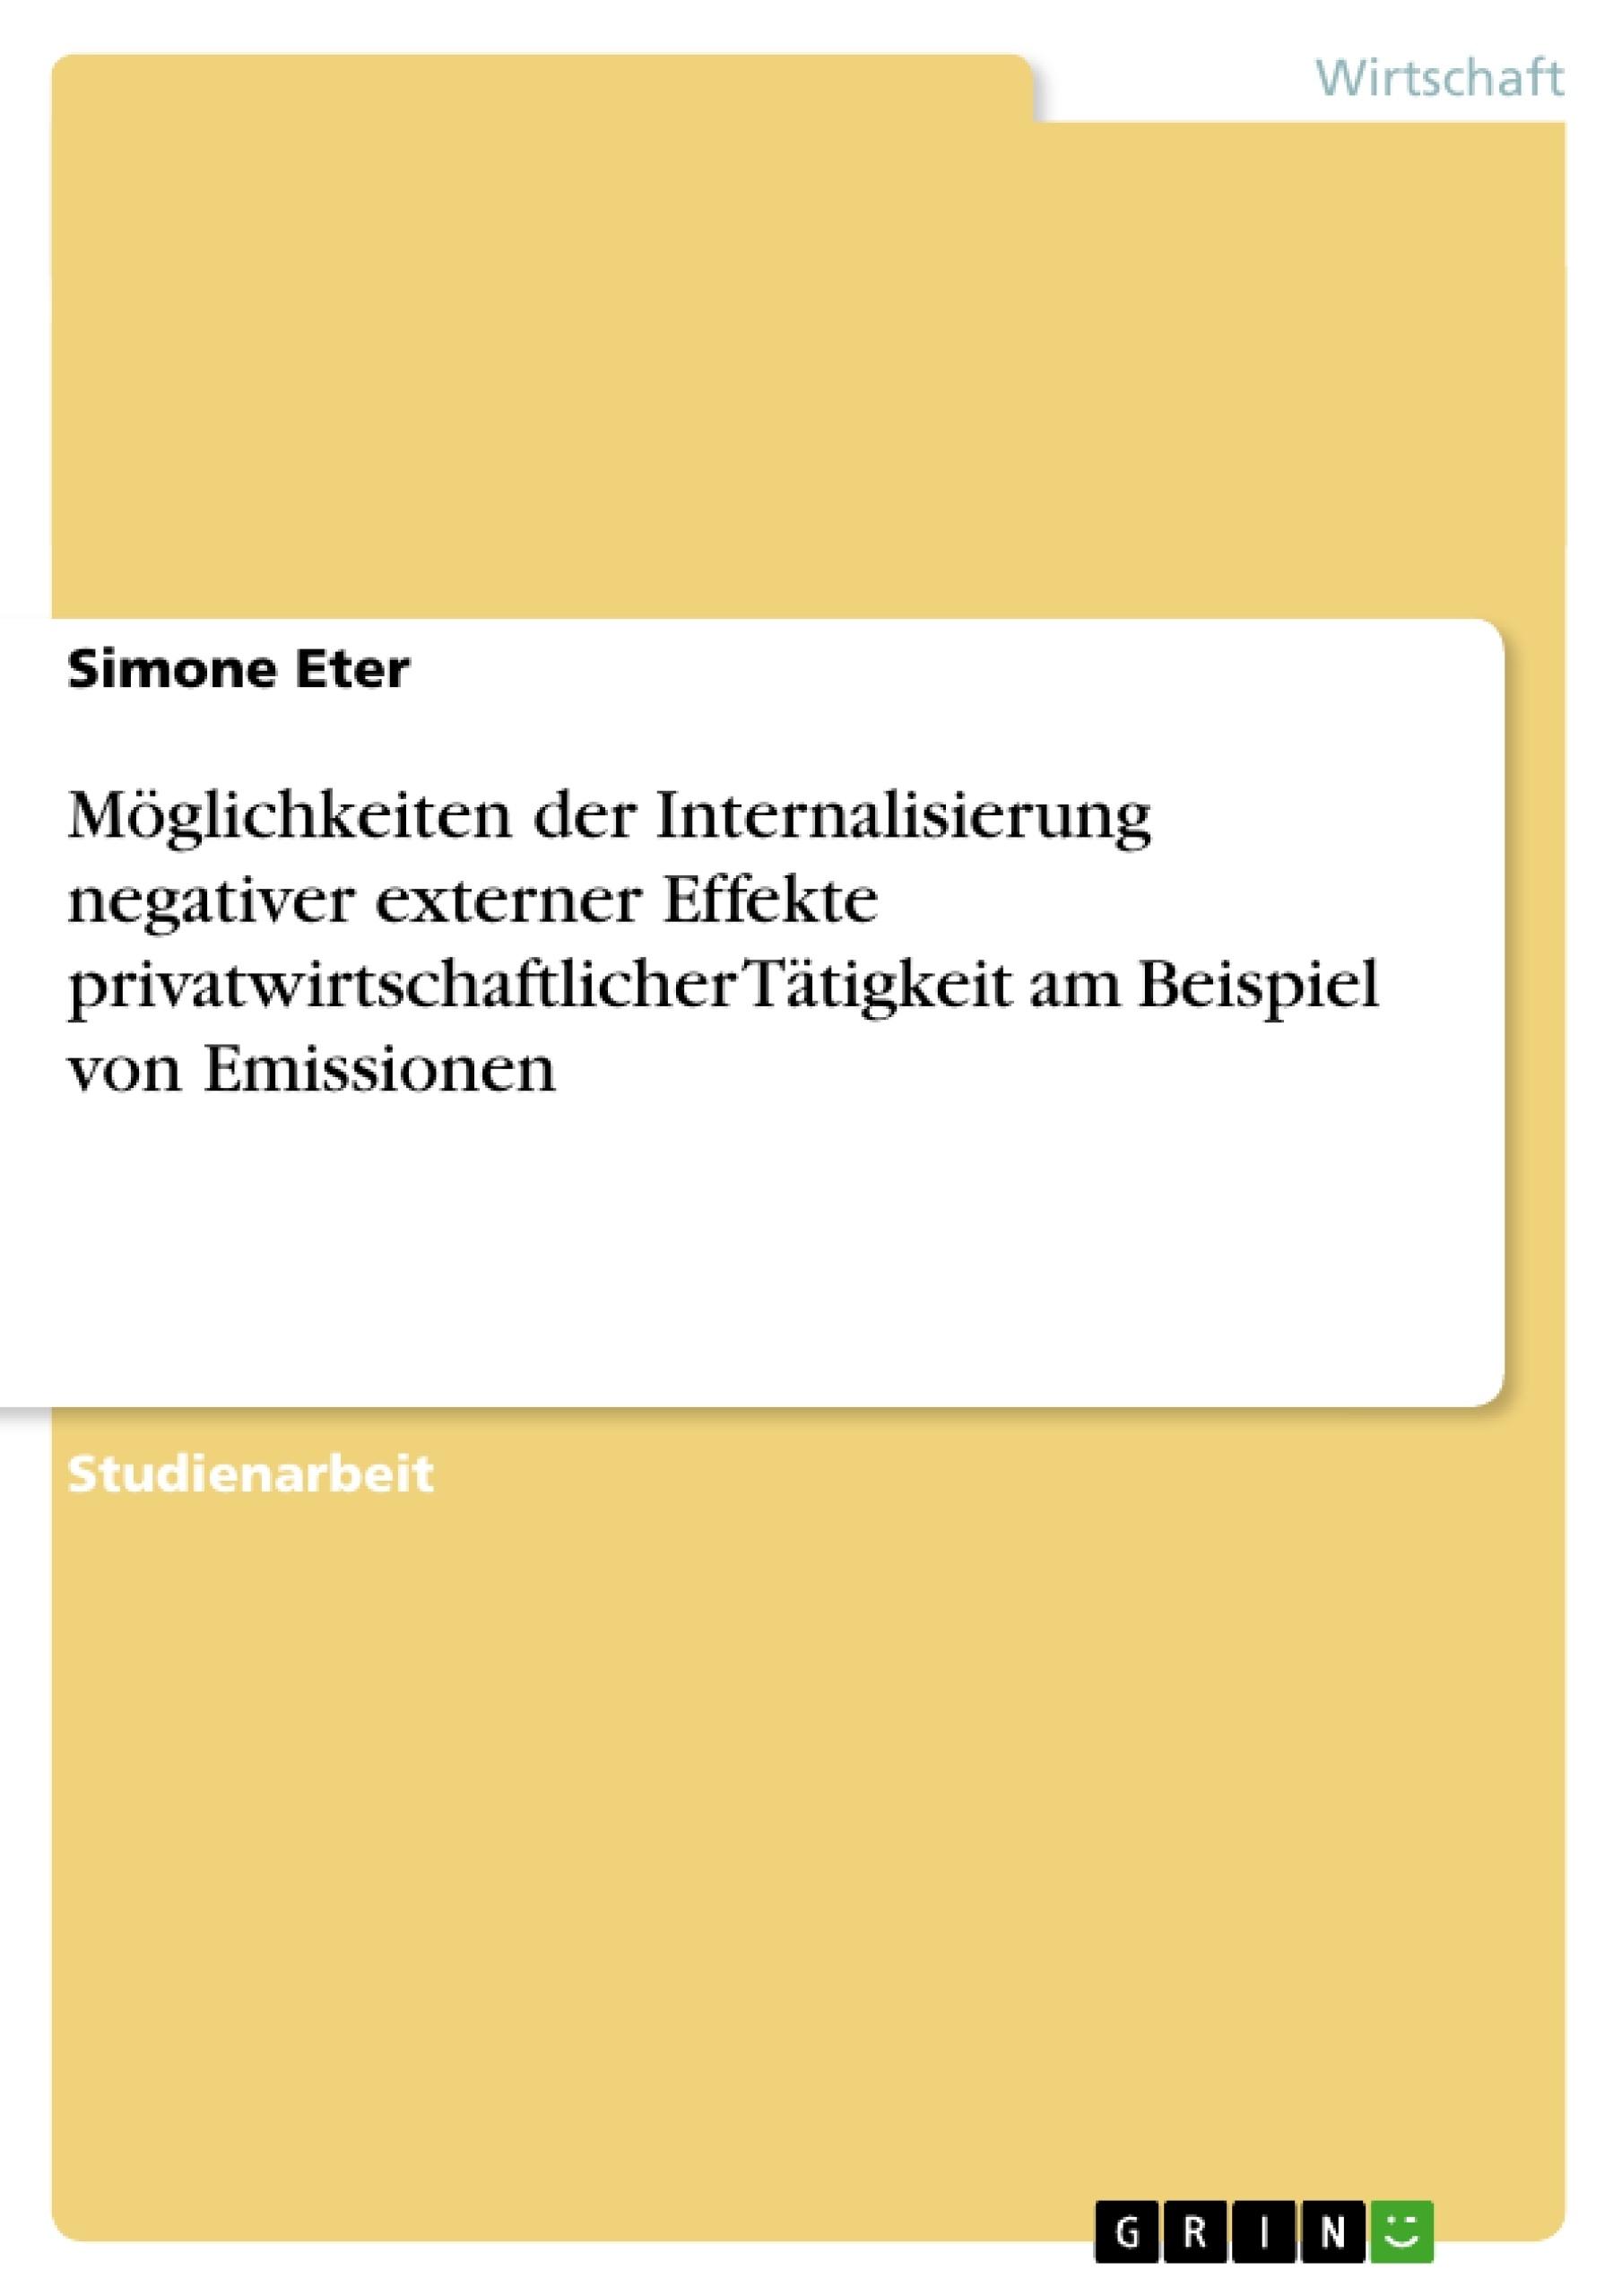 Titel: Möglichkeiten der Internalisierung negativer externer Effekte privatwirtschaftlicher Tätigkeit am Beispiel von Emissionen